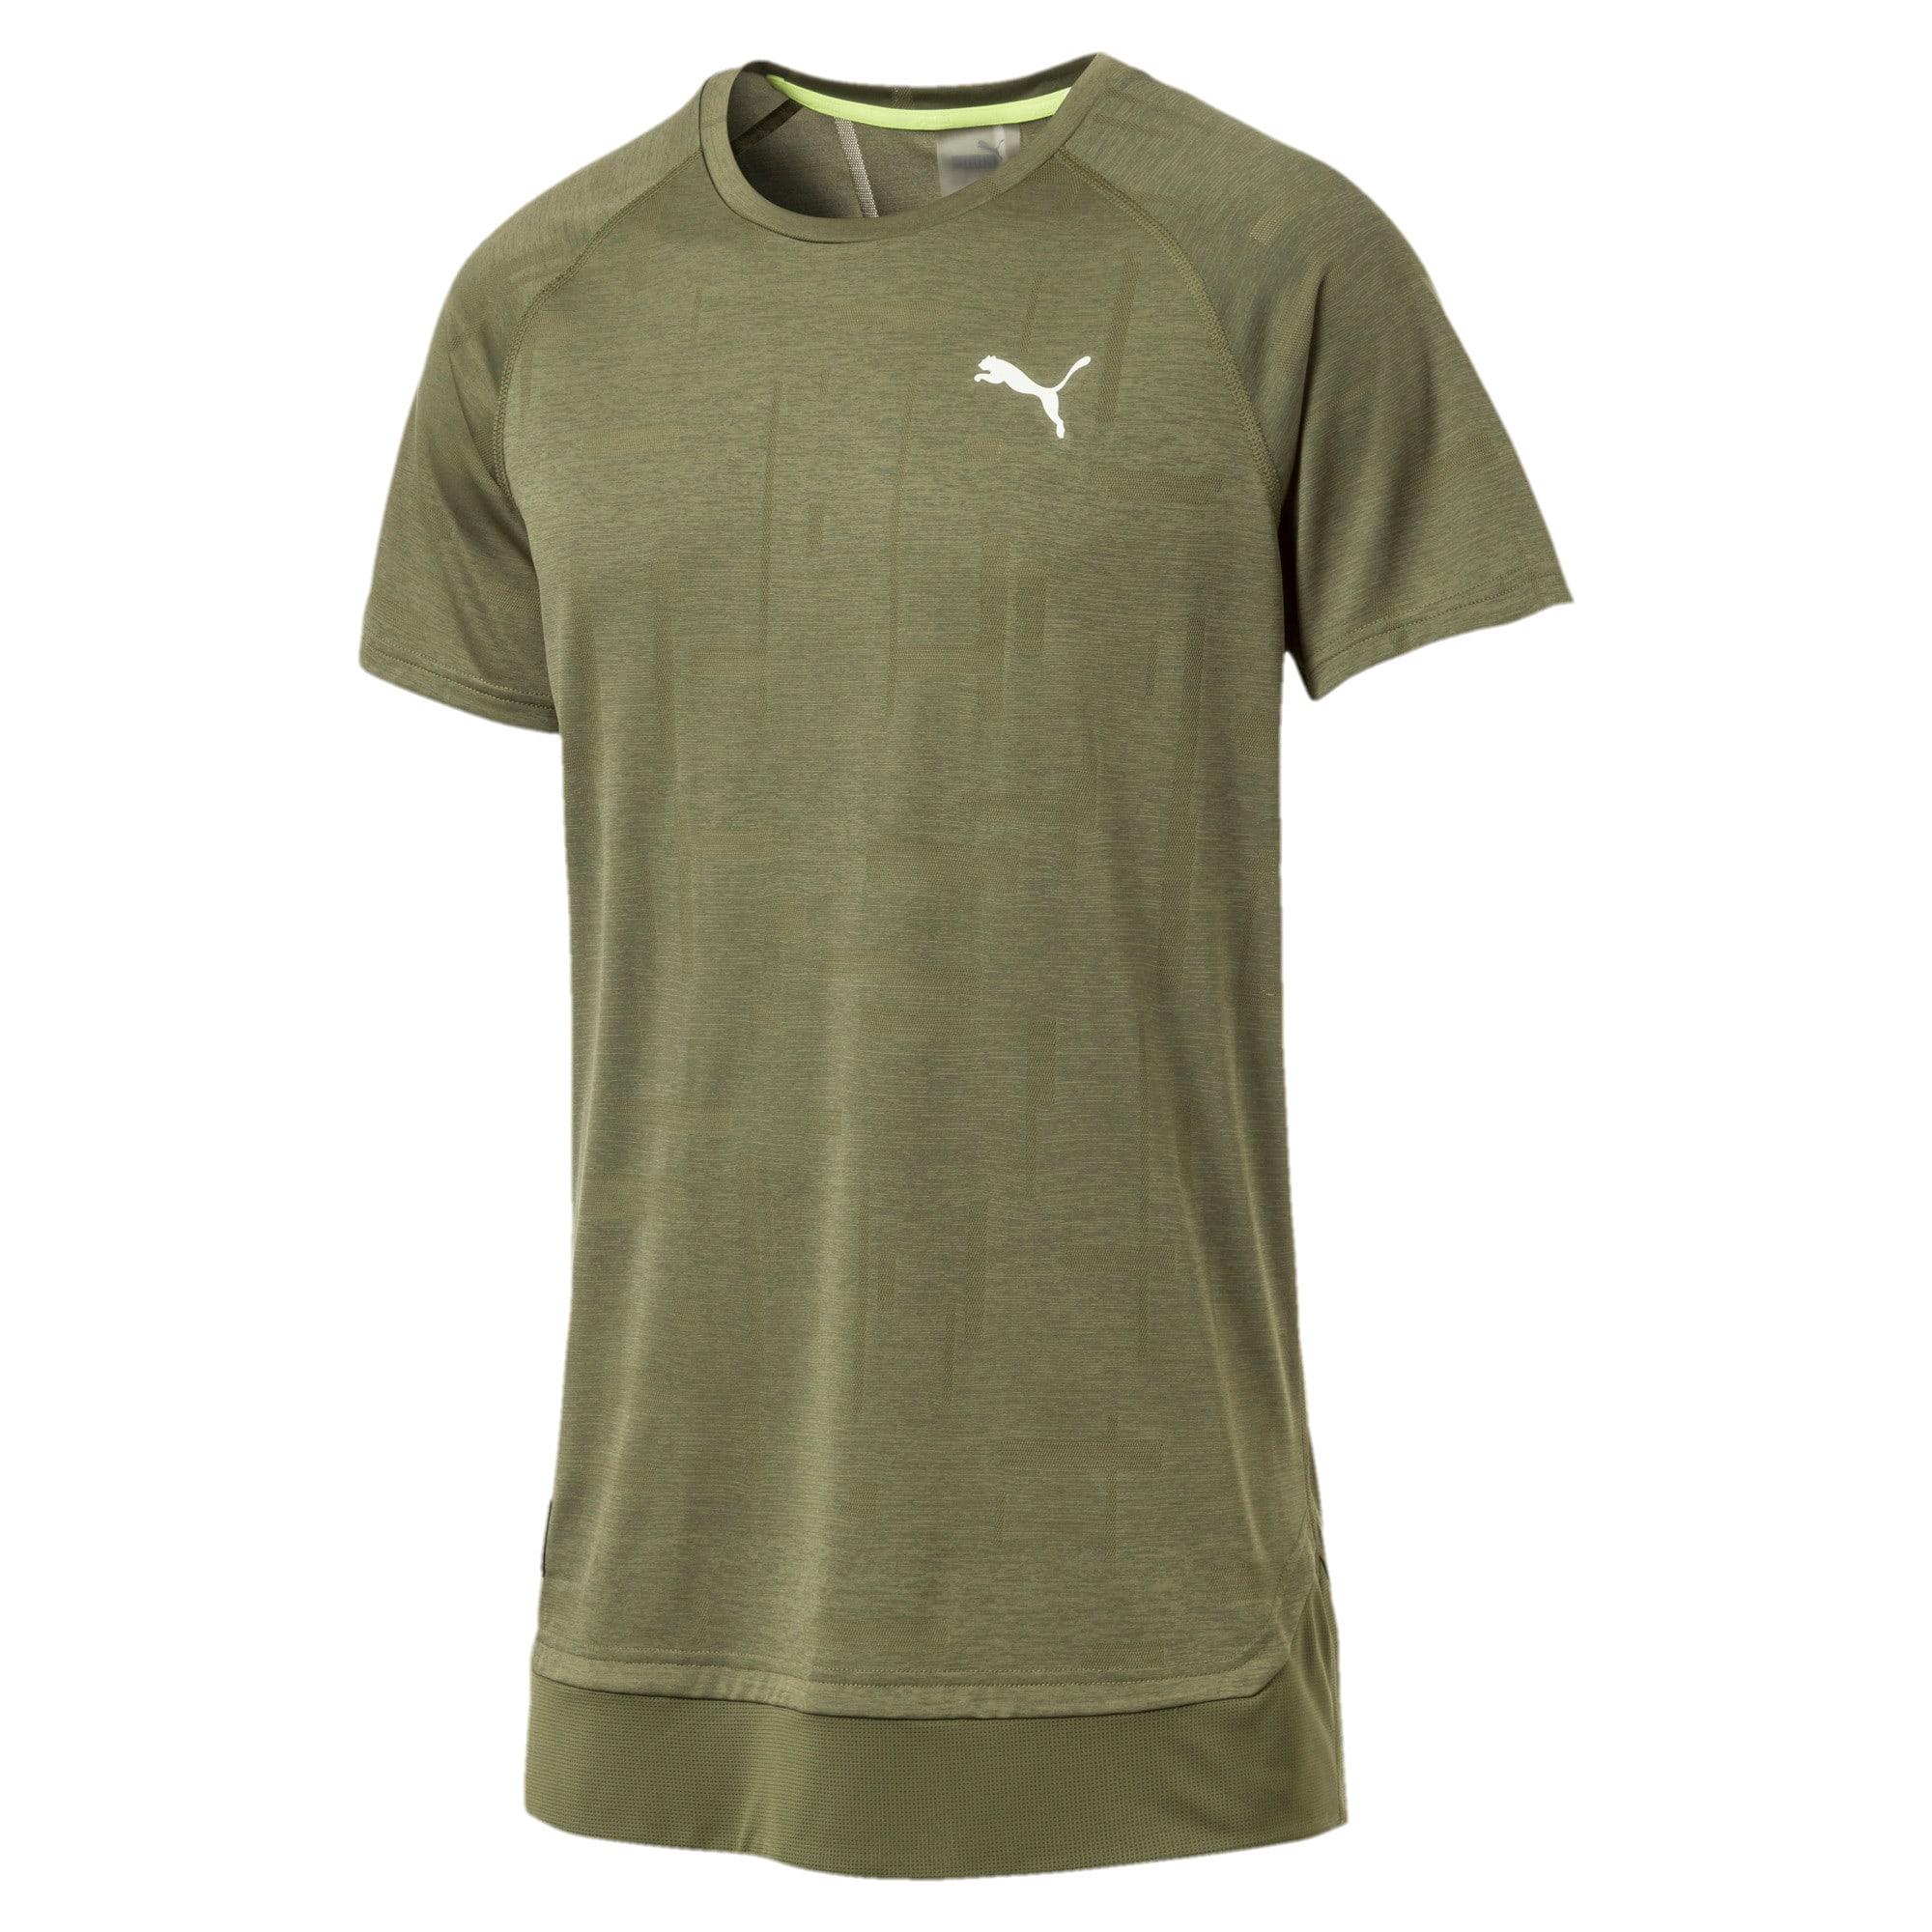 Thumbnail 5 of Energy Tech Herren Training T-Shirt, Olivine, medium